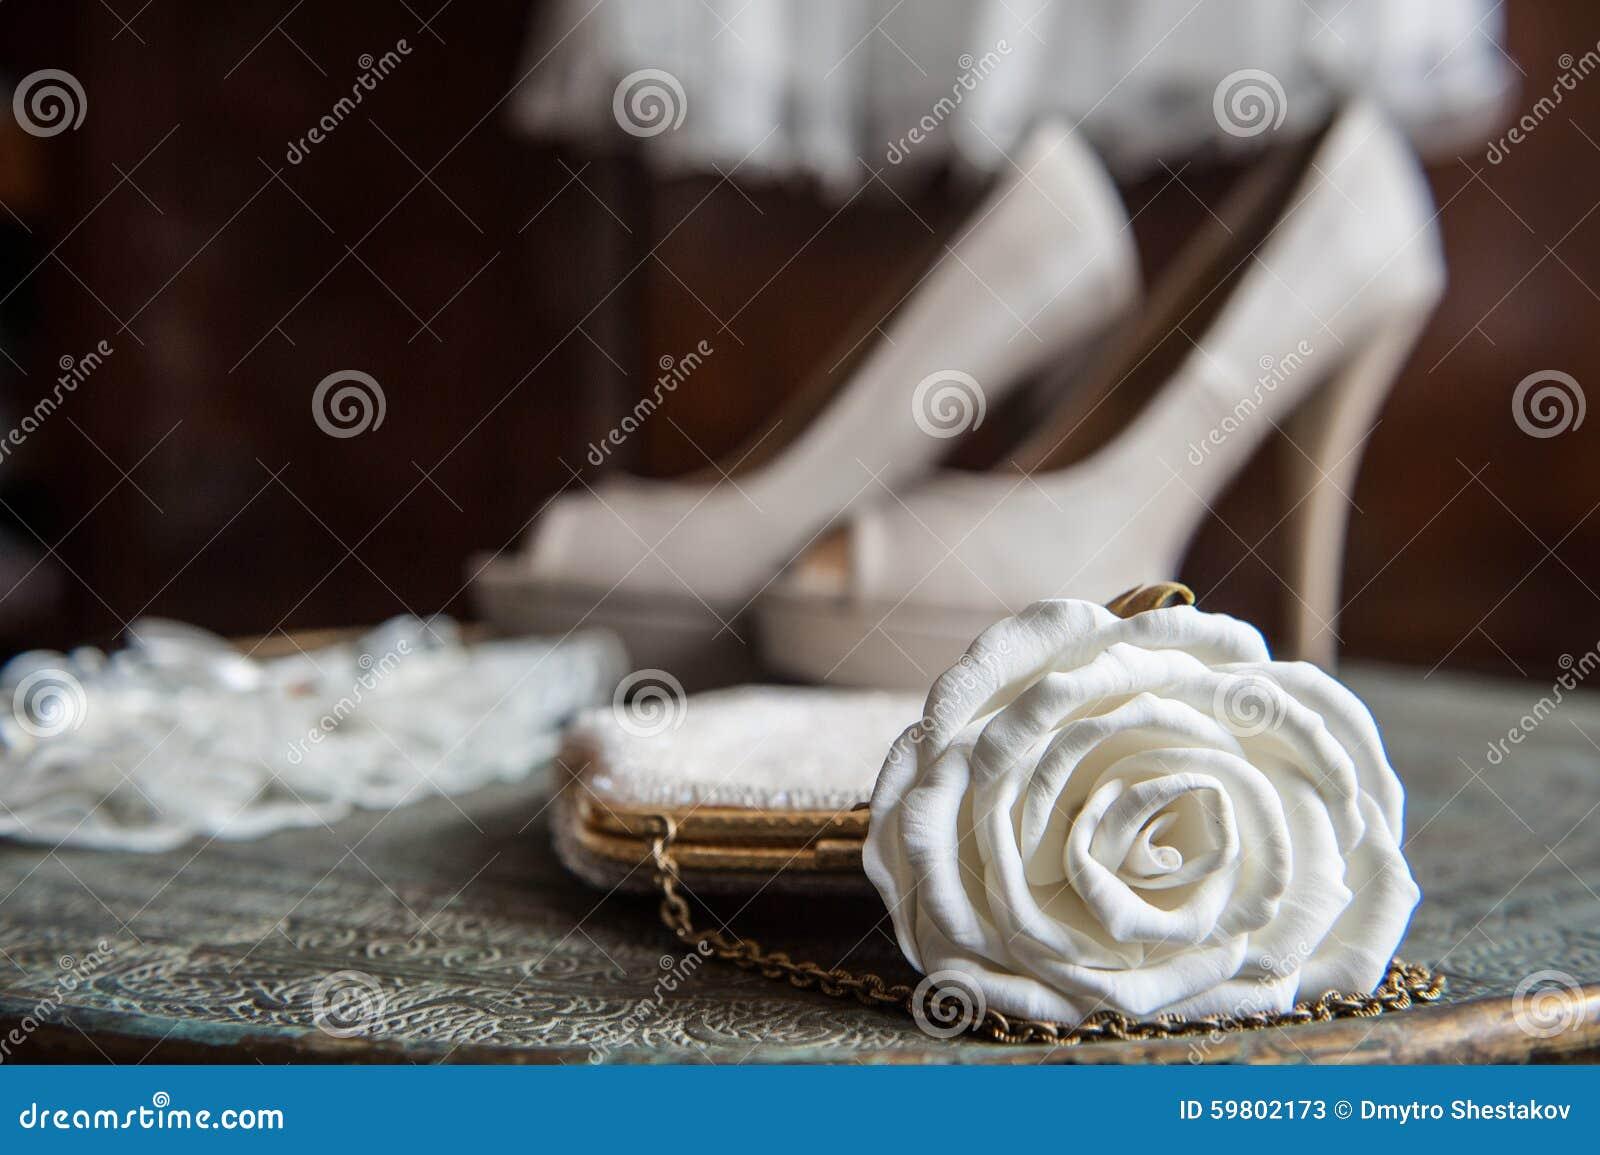 Ο συμπλέκτης των γυναικών με το λευκό αυξήθηκε, παπούτσια και garter στο δίσκο ορείχαλκου με μια διακόσμηση